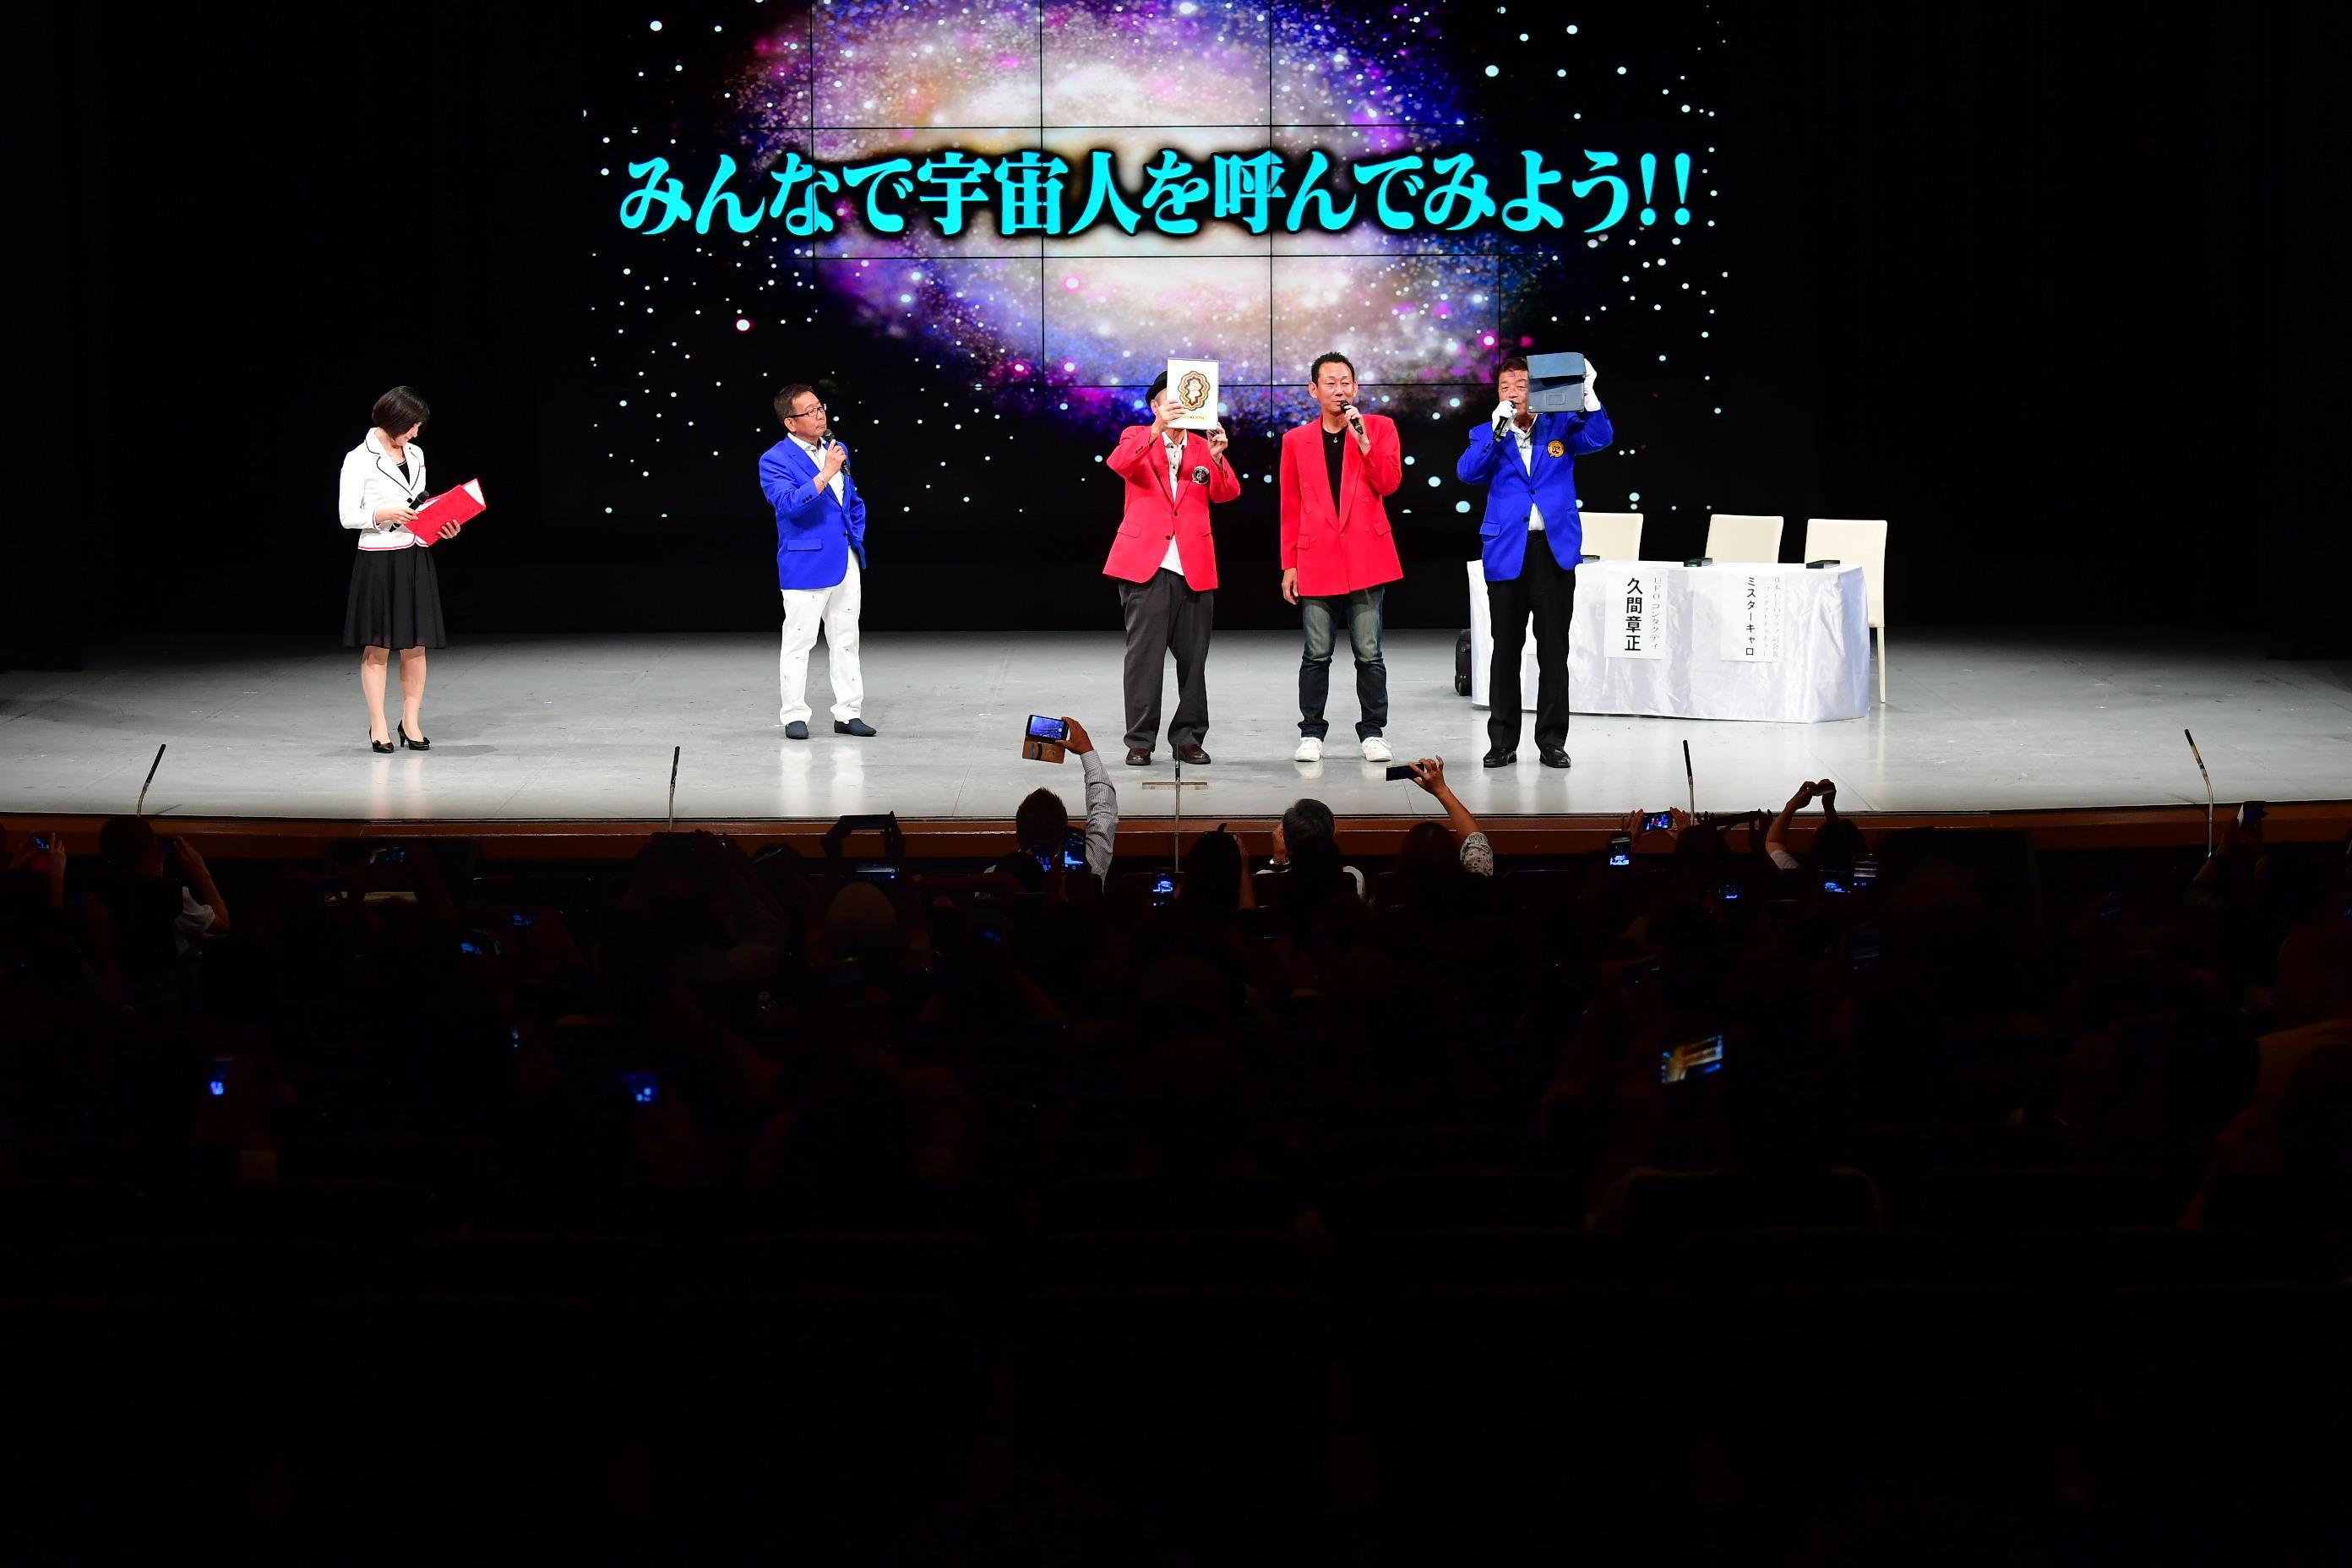 http://news.yoshimoto.co.jp/20180830011300-d081d1cb4201400ff978e5b964921c98d850ab0a.jpg